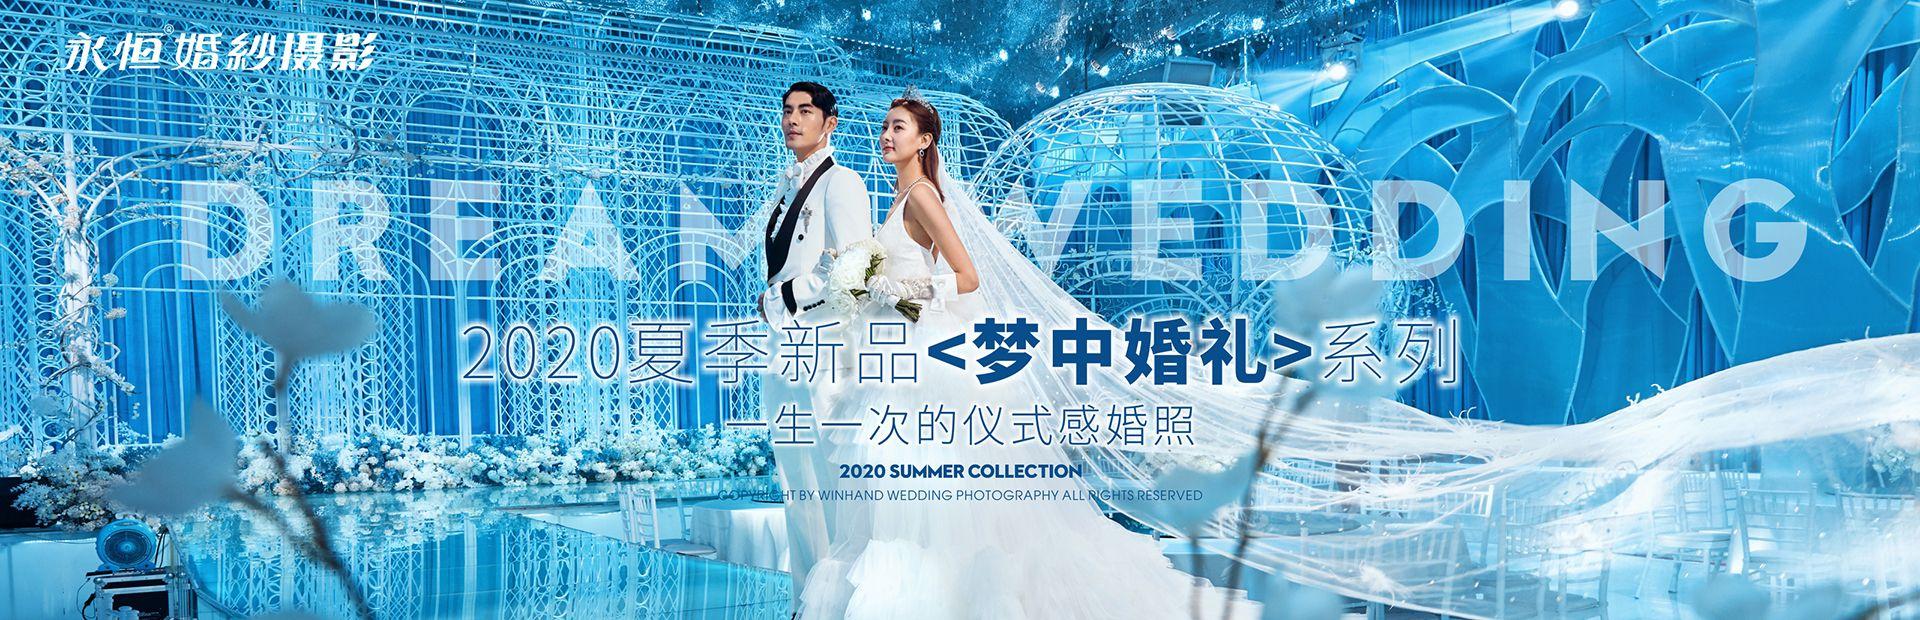 2020夏季新品-梦中婚礼系列